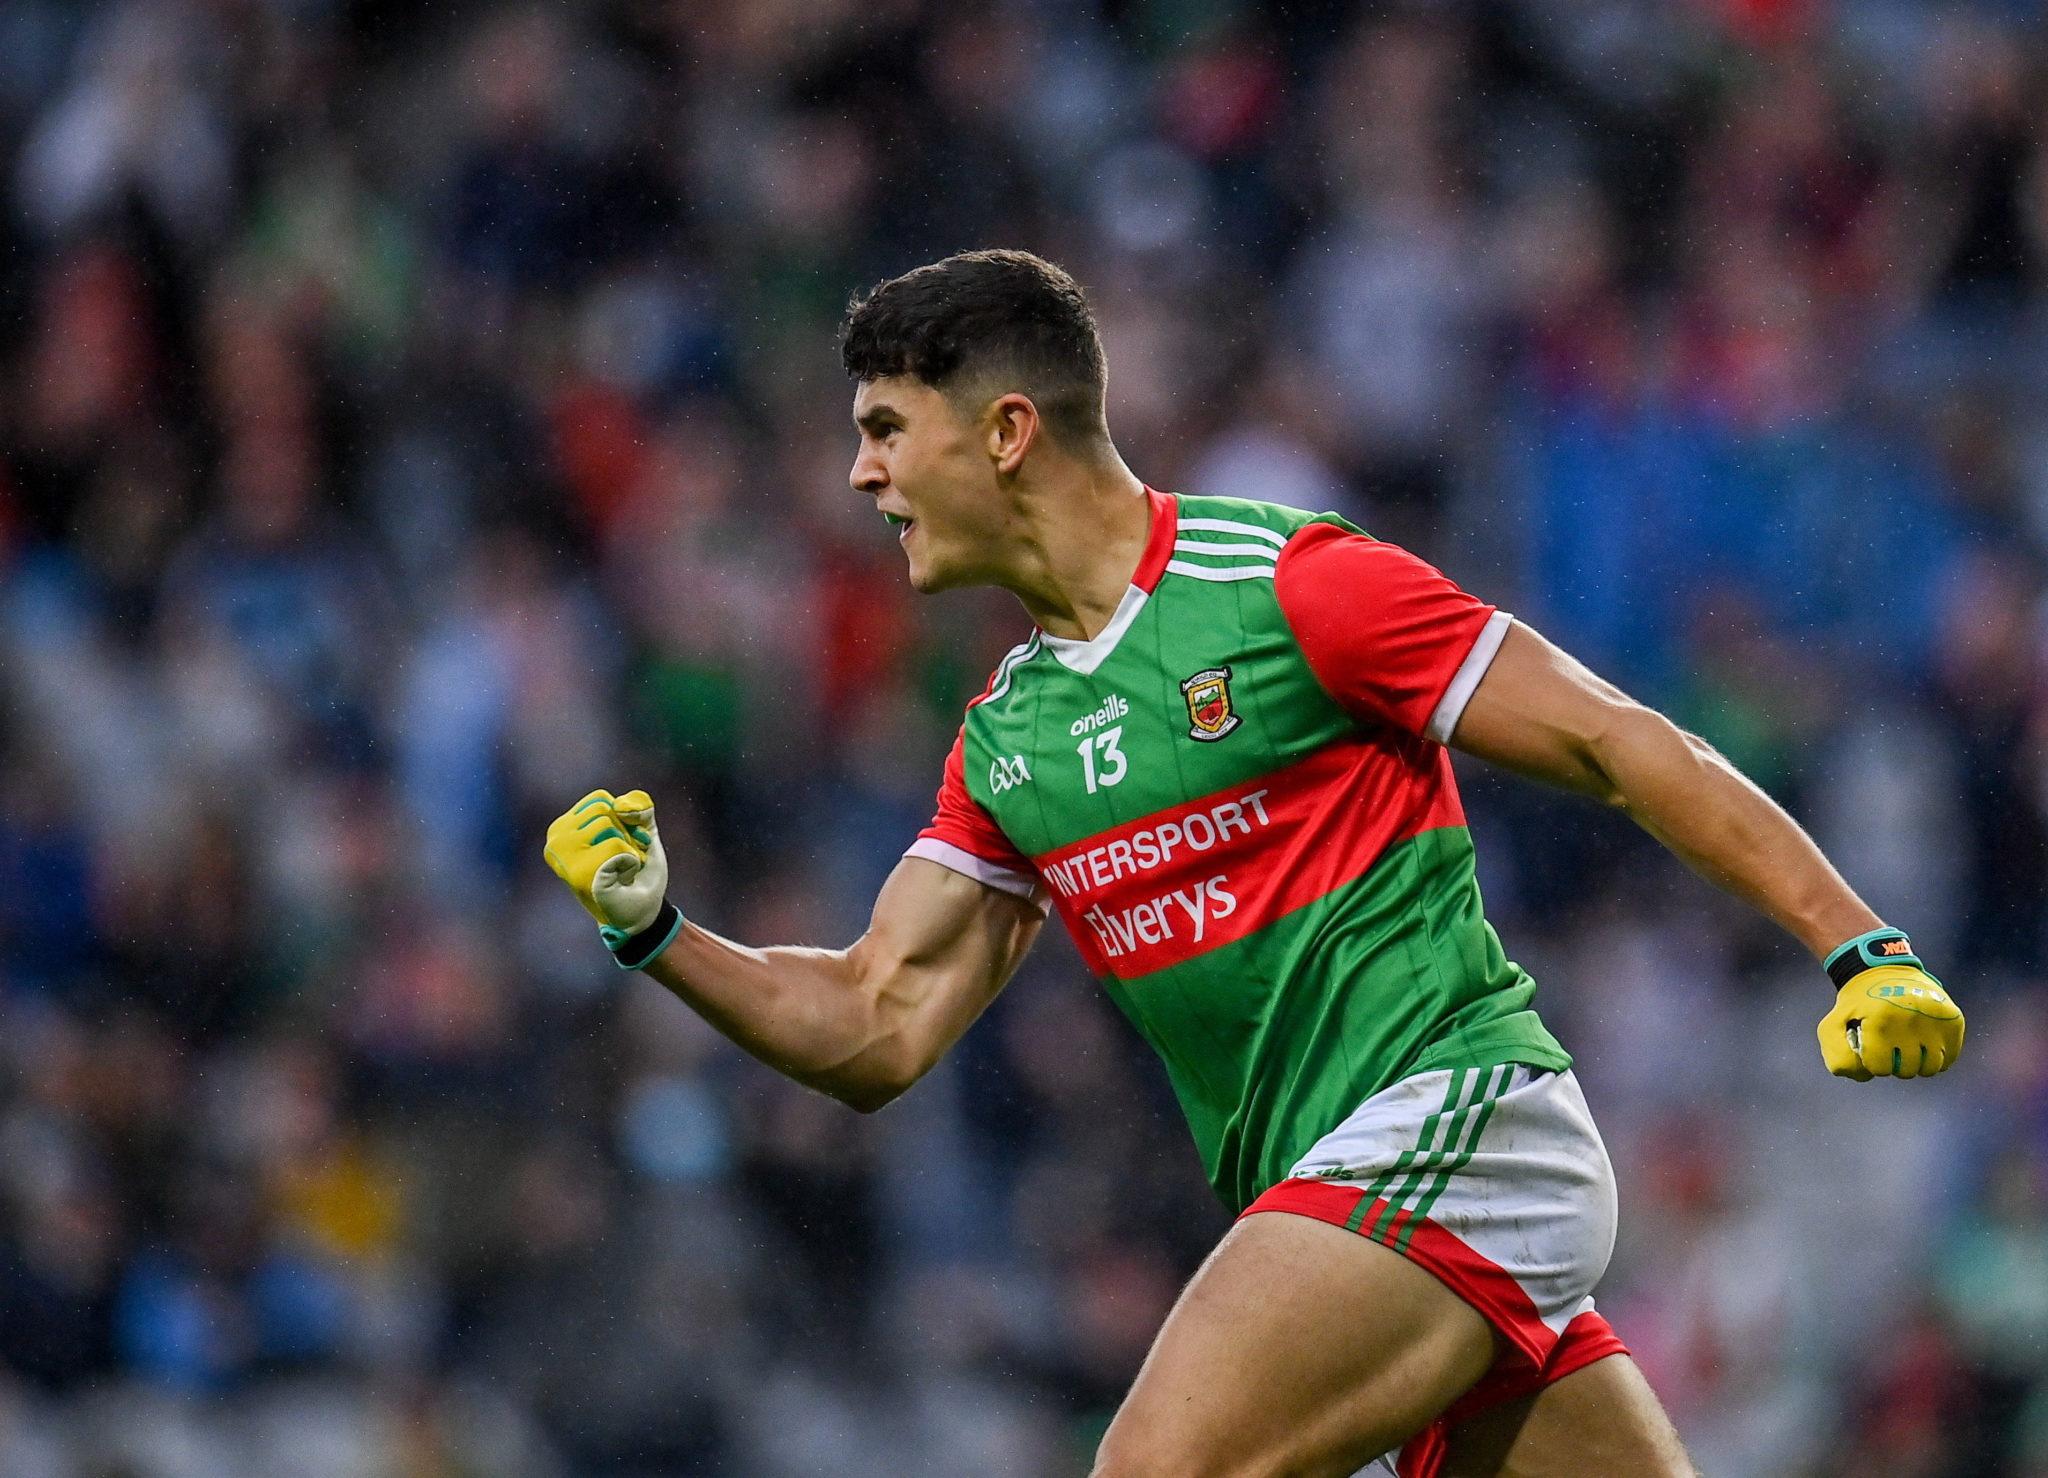 Mayo Dublin Semi-Final